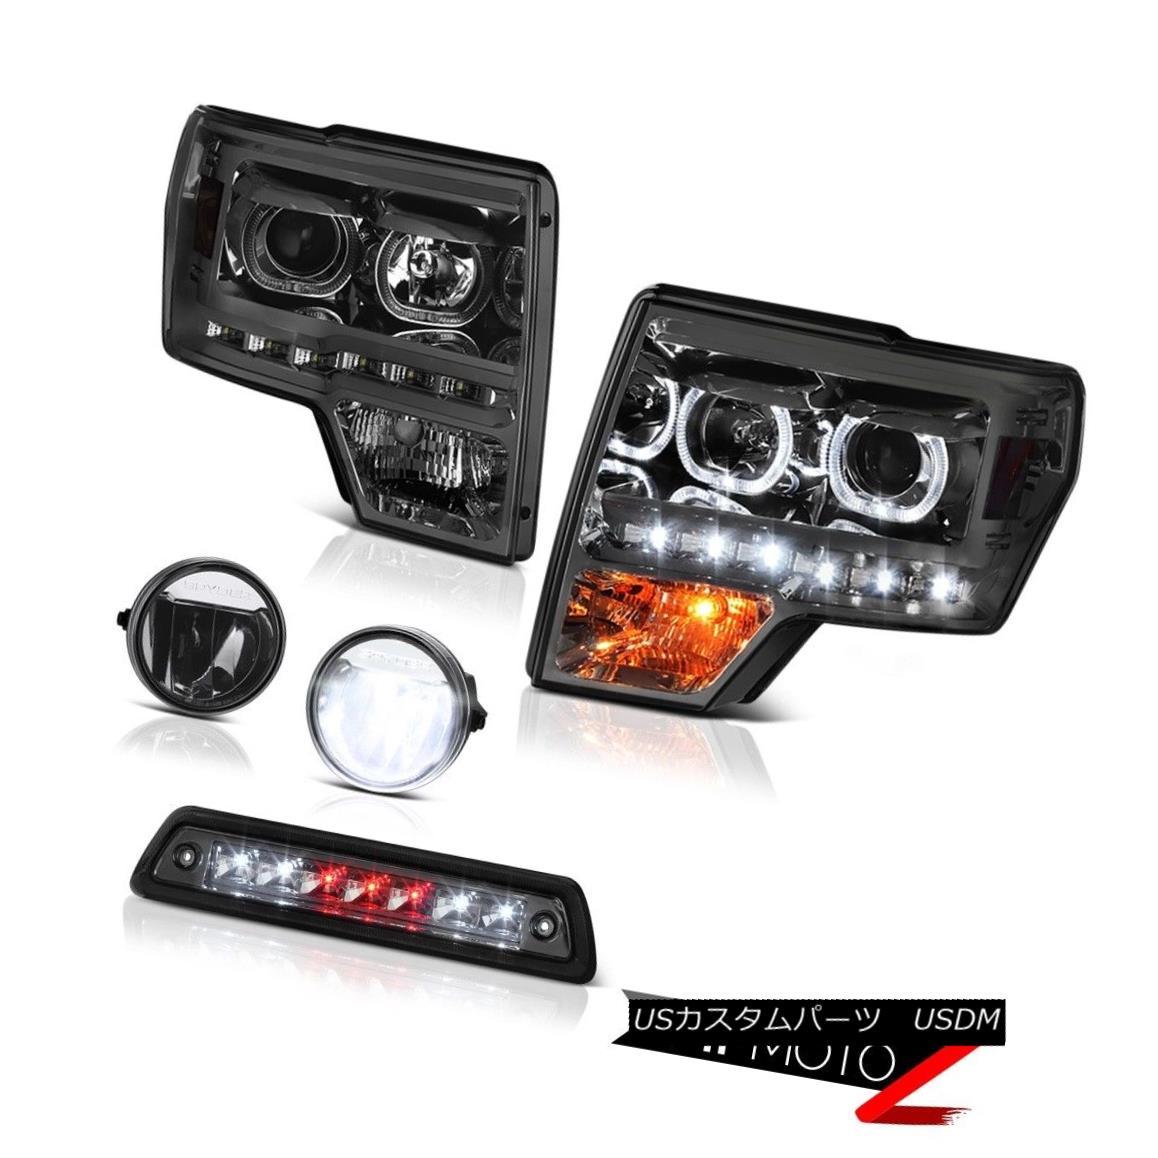 テールライト 09-14 F150 6.2L Roof cargo light crystal clear fog lamps projector headlamps LED 09-14 F150 6.2LルーフカーゴライトクリスタルクリアフォグランププロジェクターヘッドライトLED